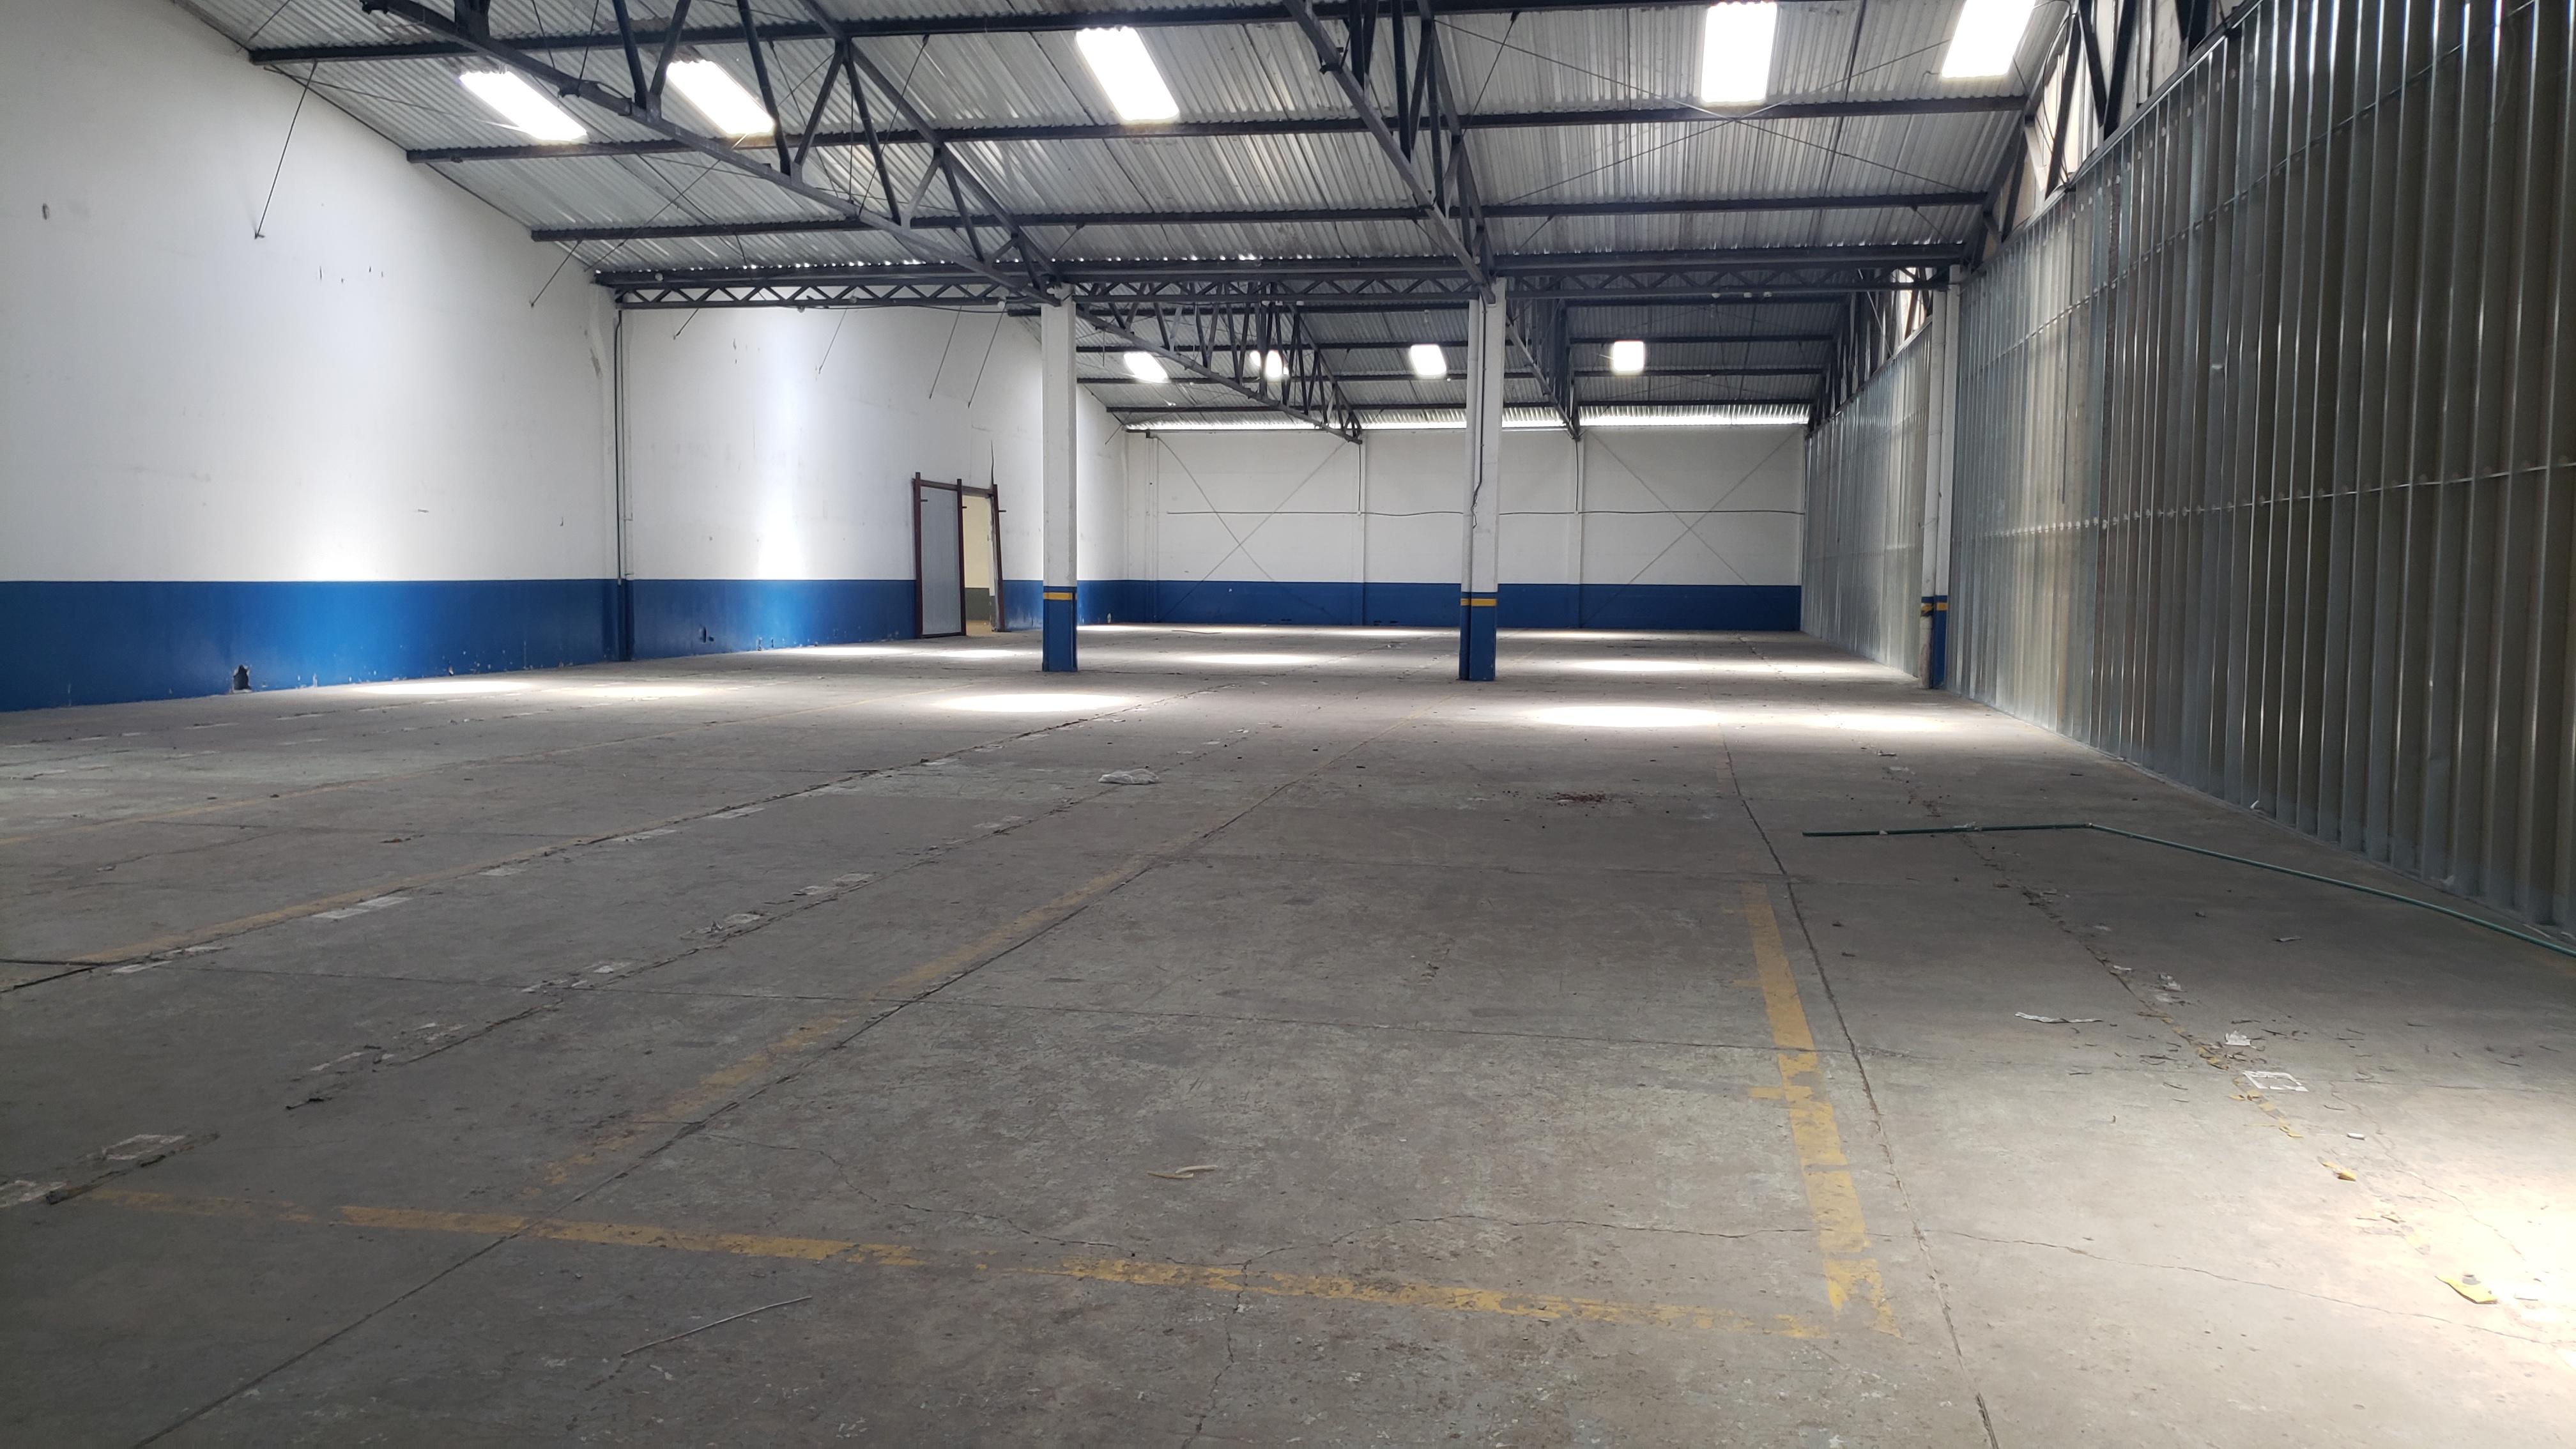 Alquiler de bodega industrial, El Coyol Alajuela, 1.350 m2, $7.425=